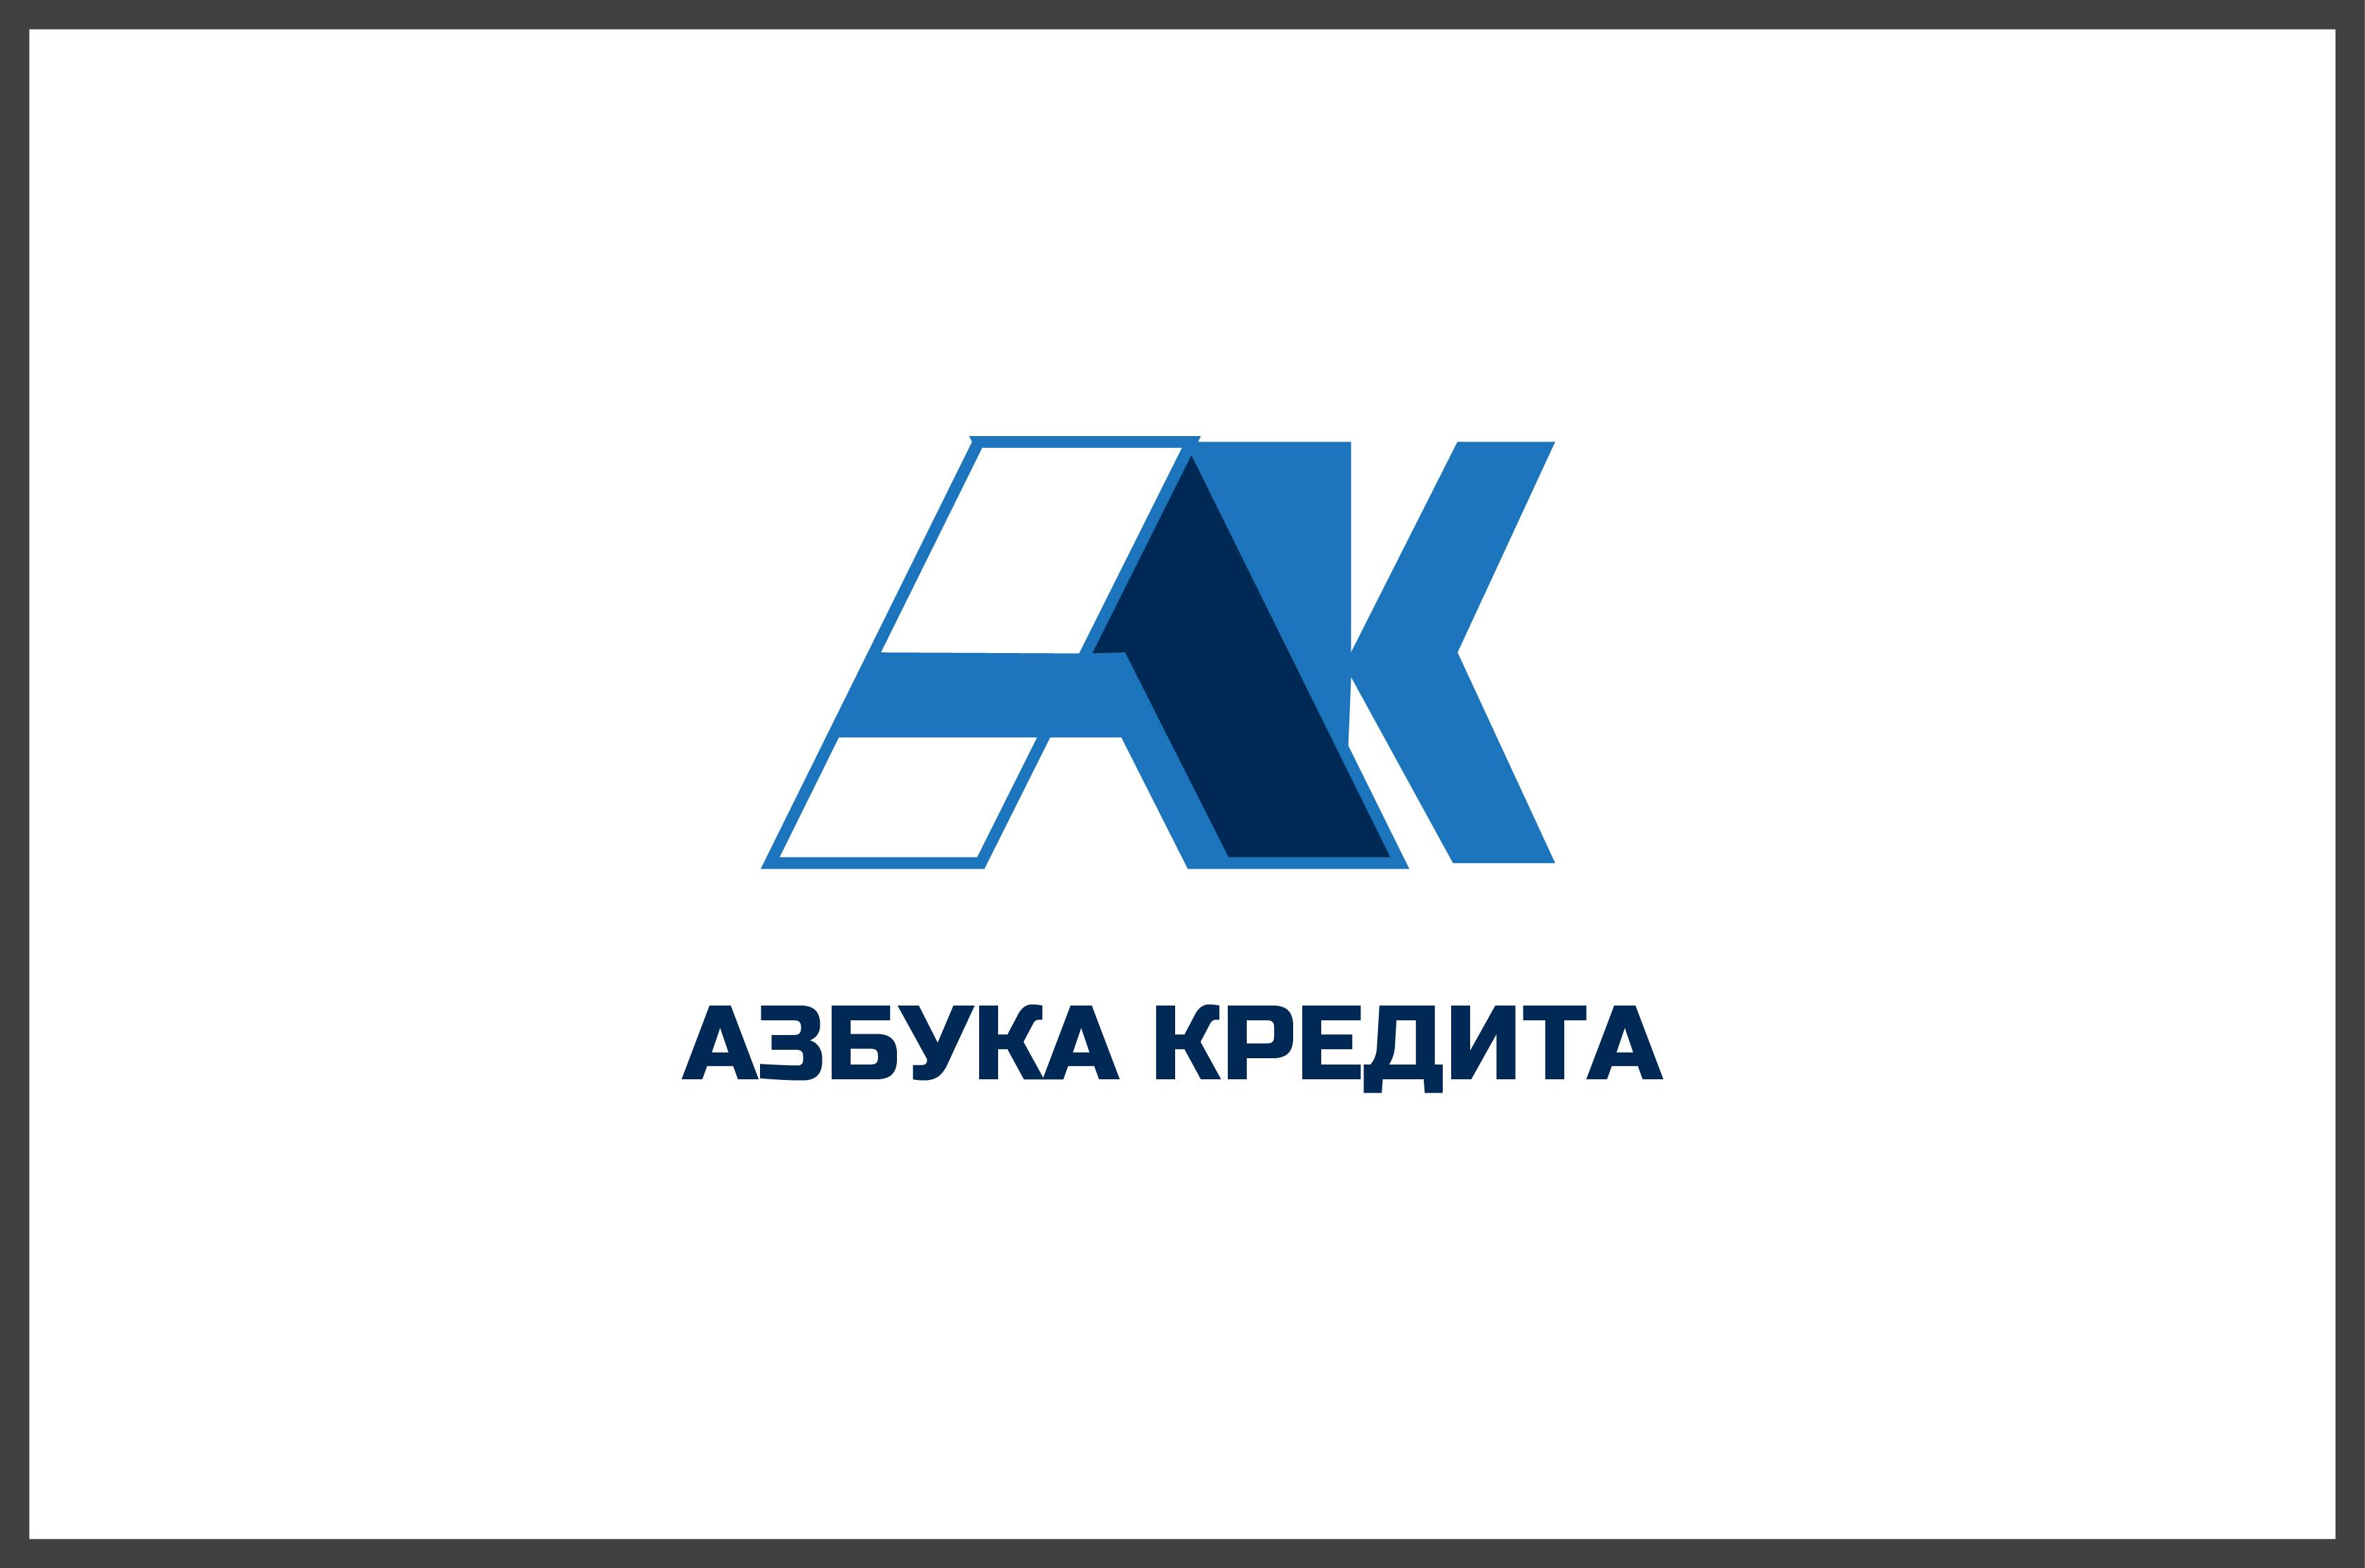 Разработать логотип для финансовой компании фото f_1875de8dcc0c646b.jpg